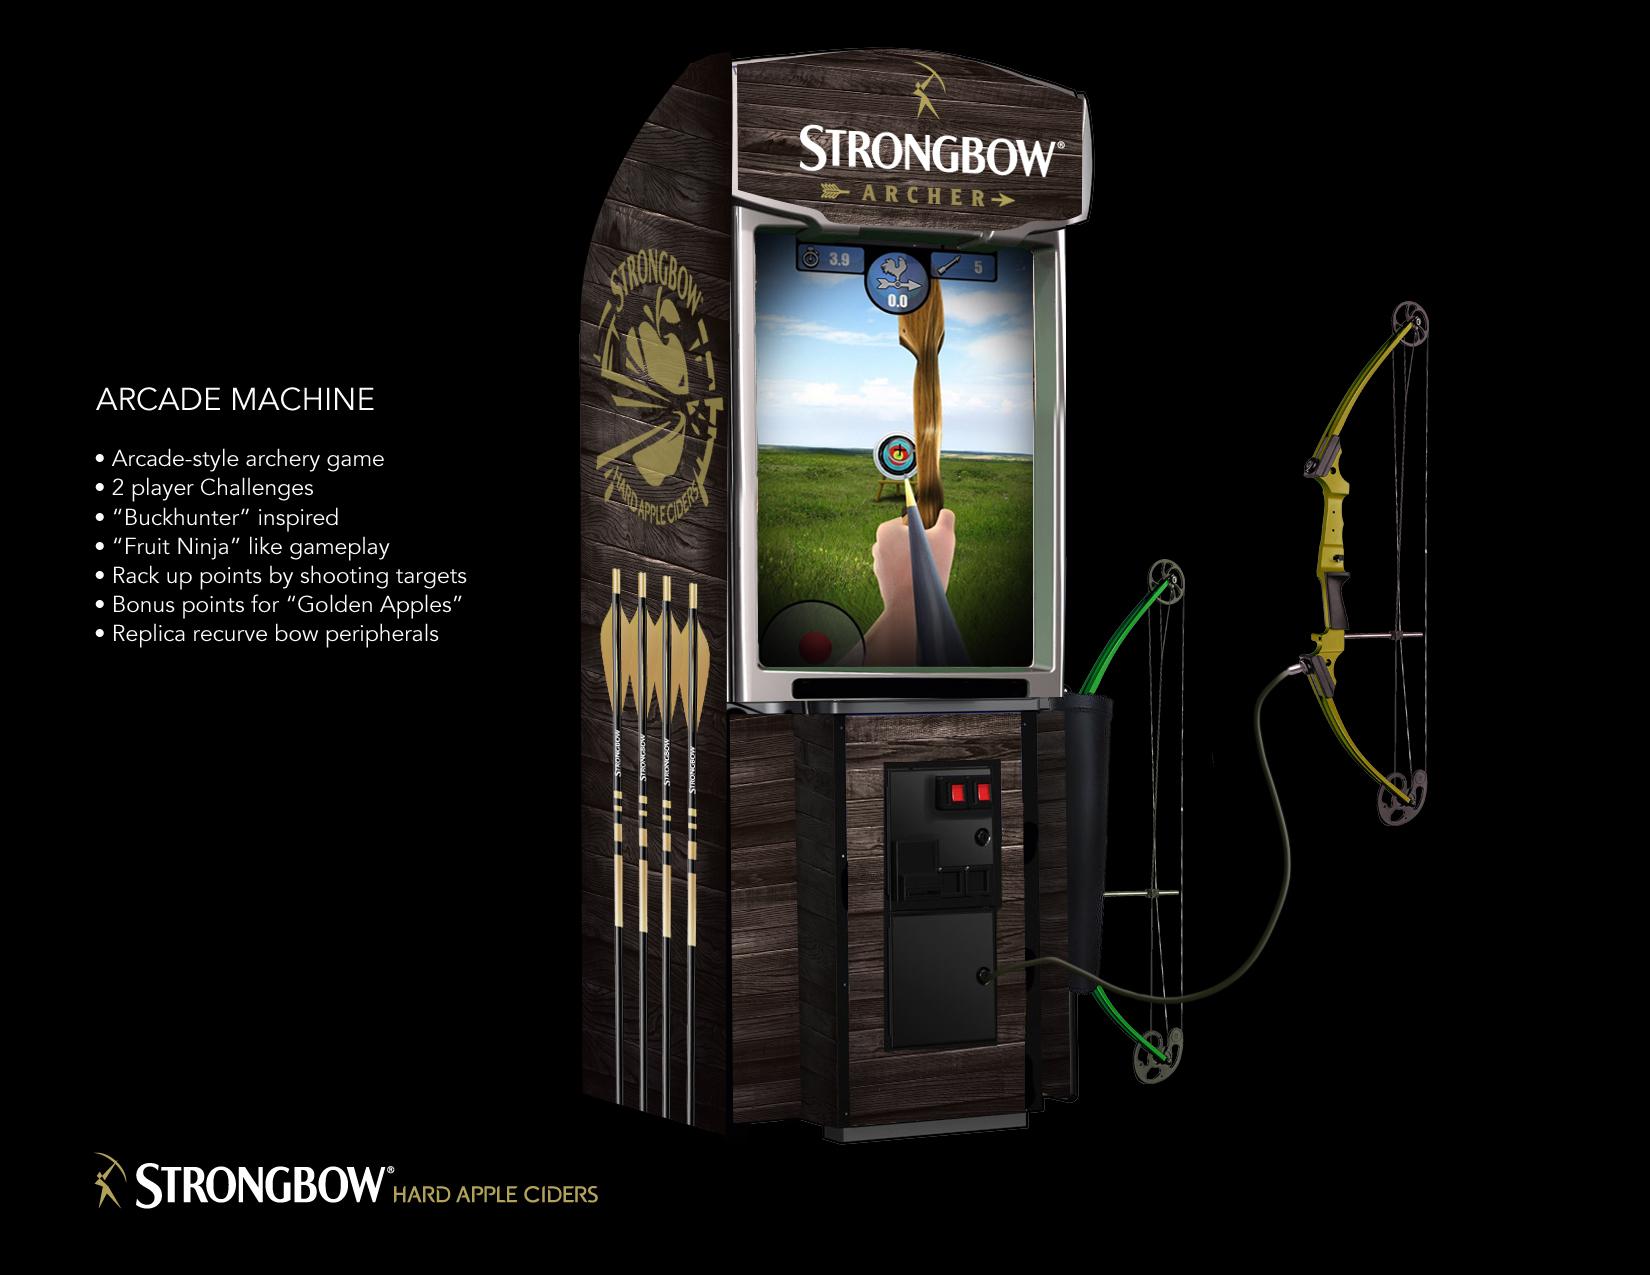 Strongbow_ArcherGame_Machine.jpg